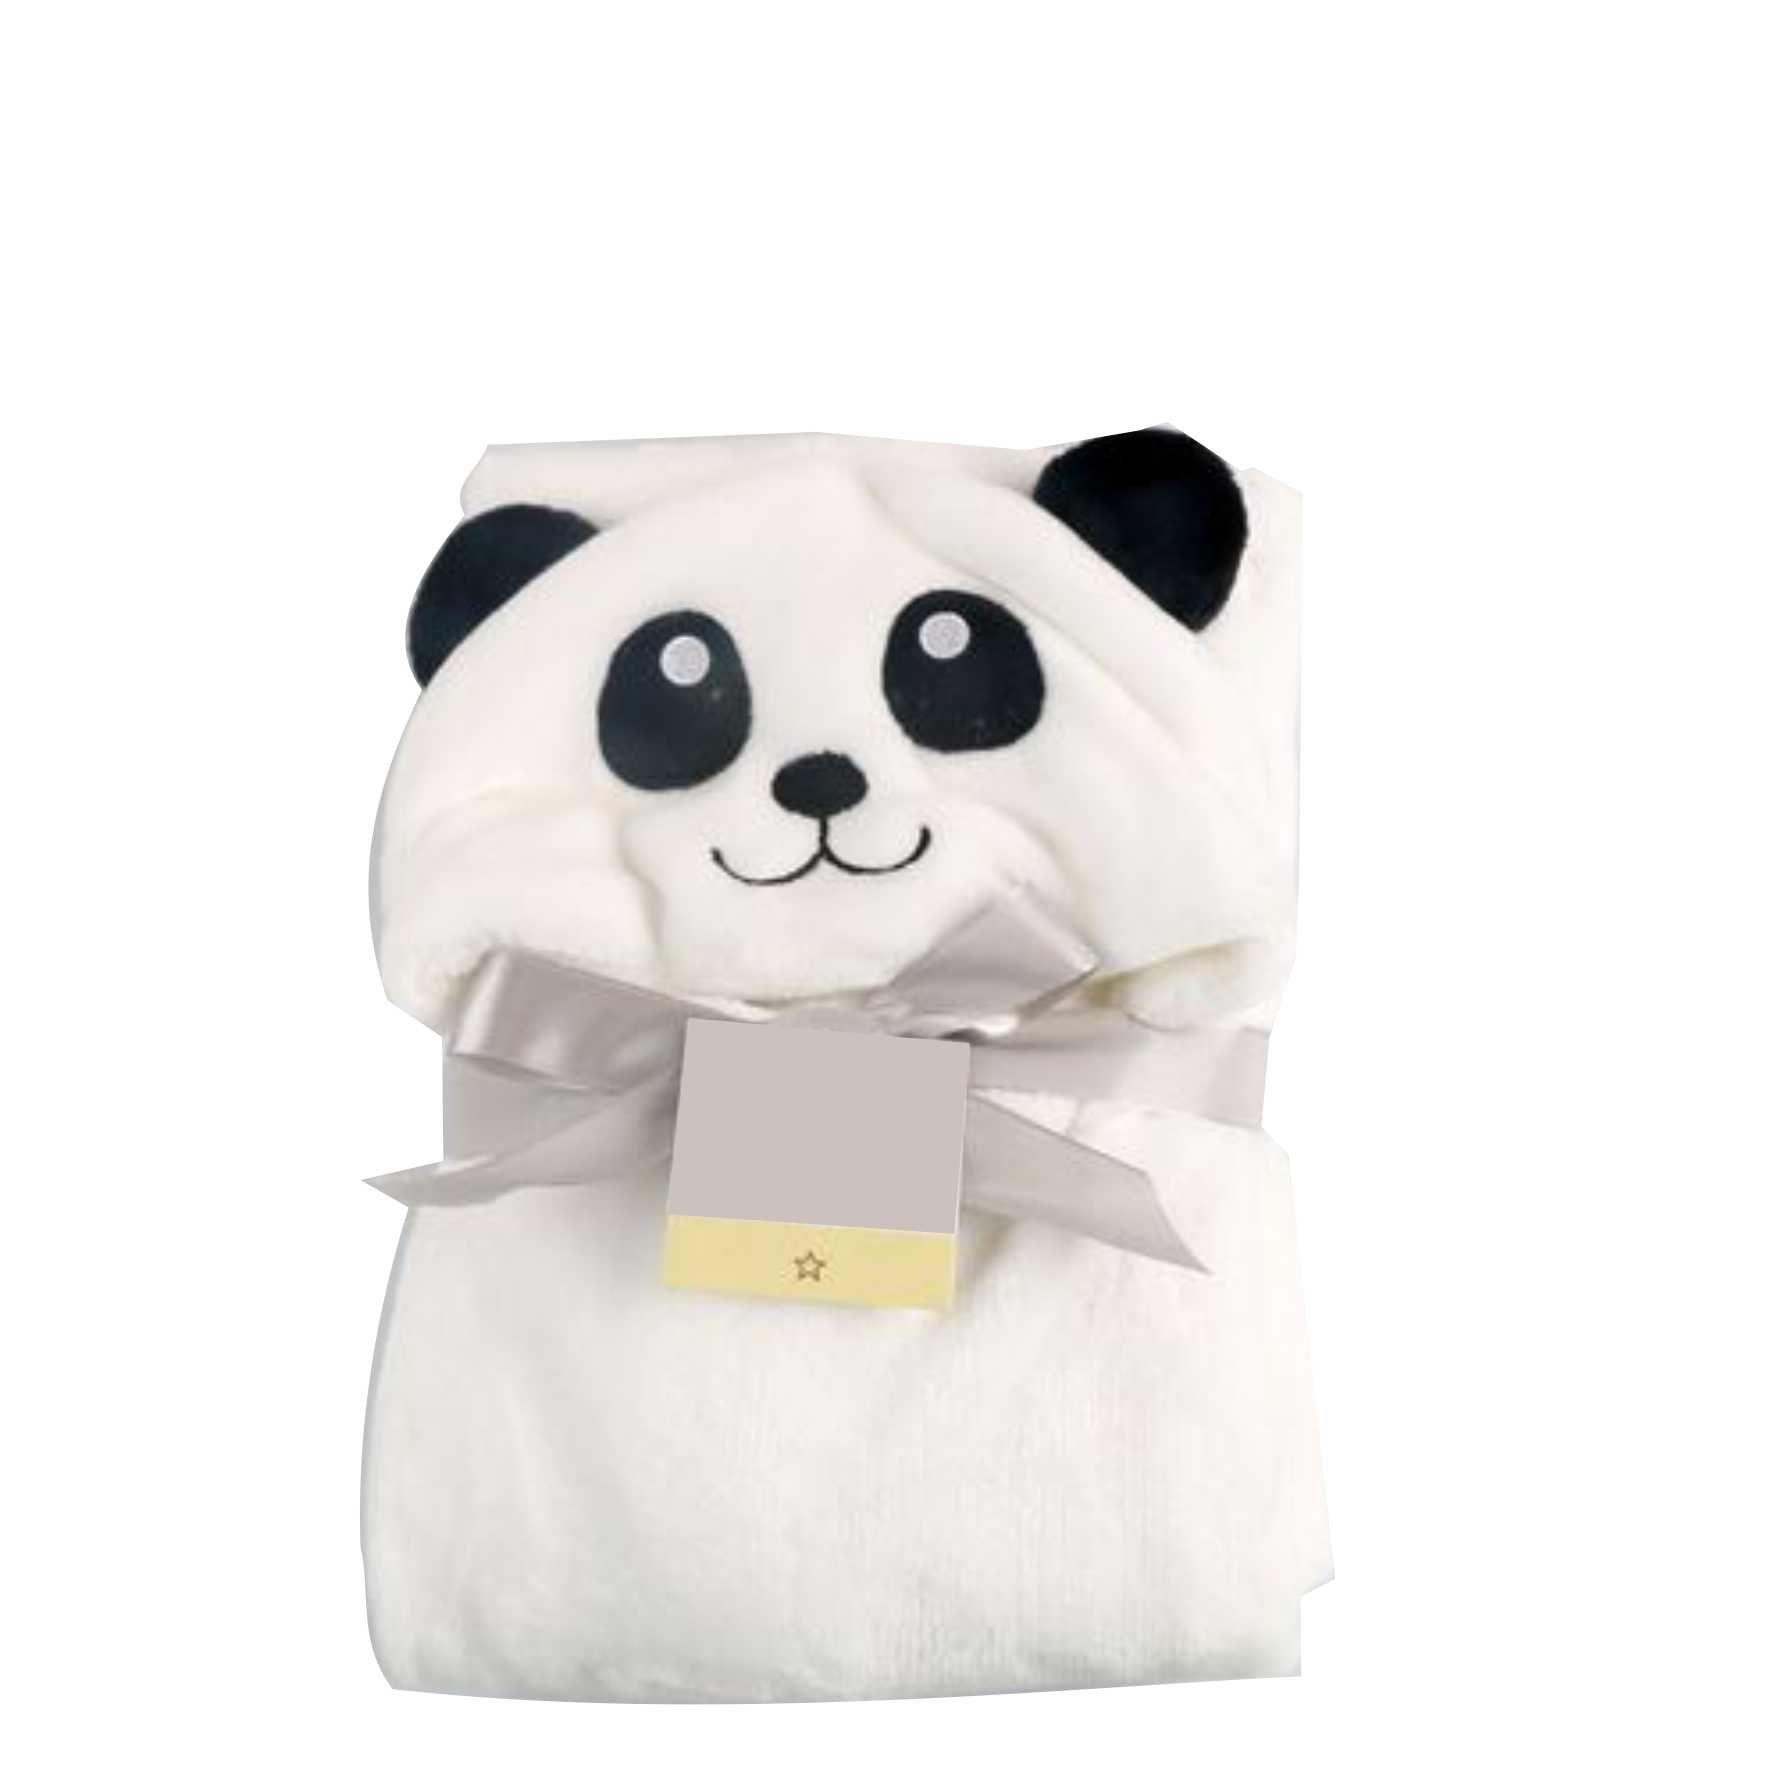 Cobertor de bebê bichinhos Panda Branco